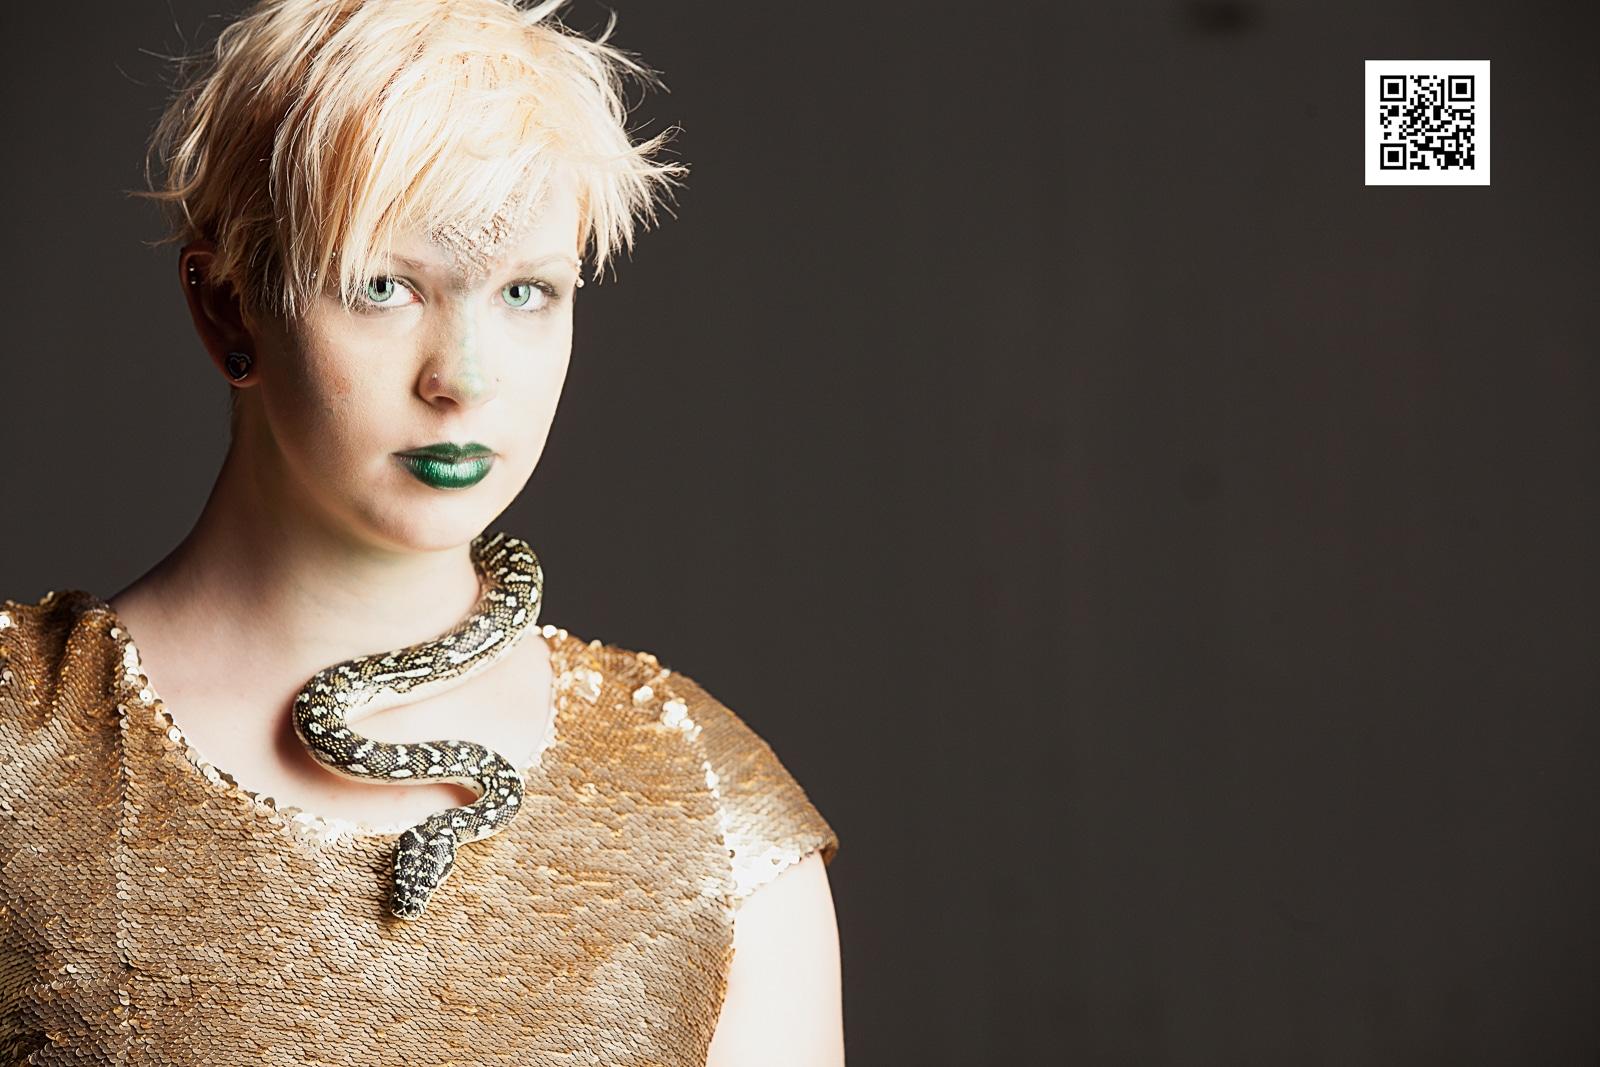 Medusa and her snake